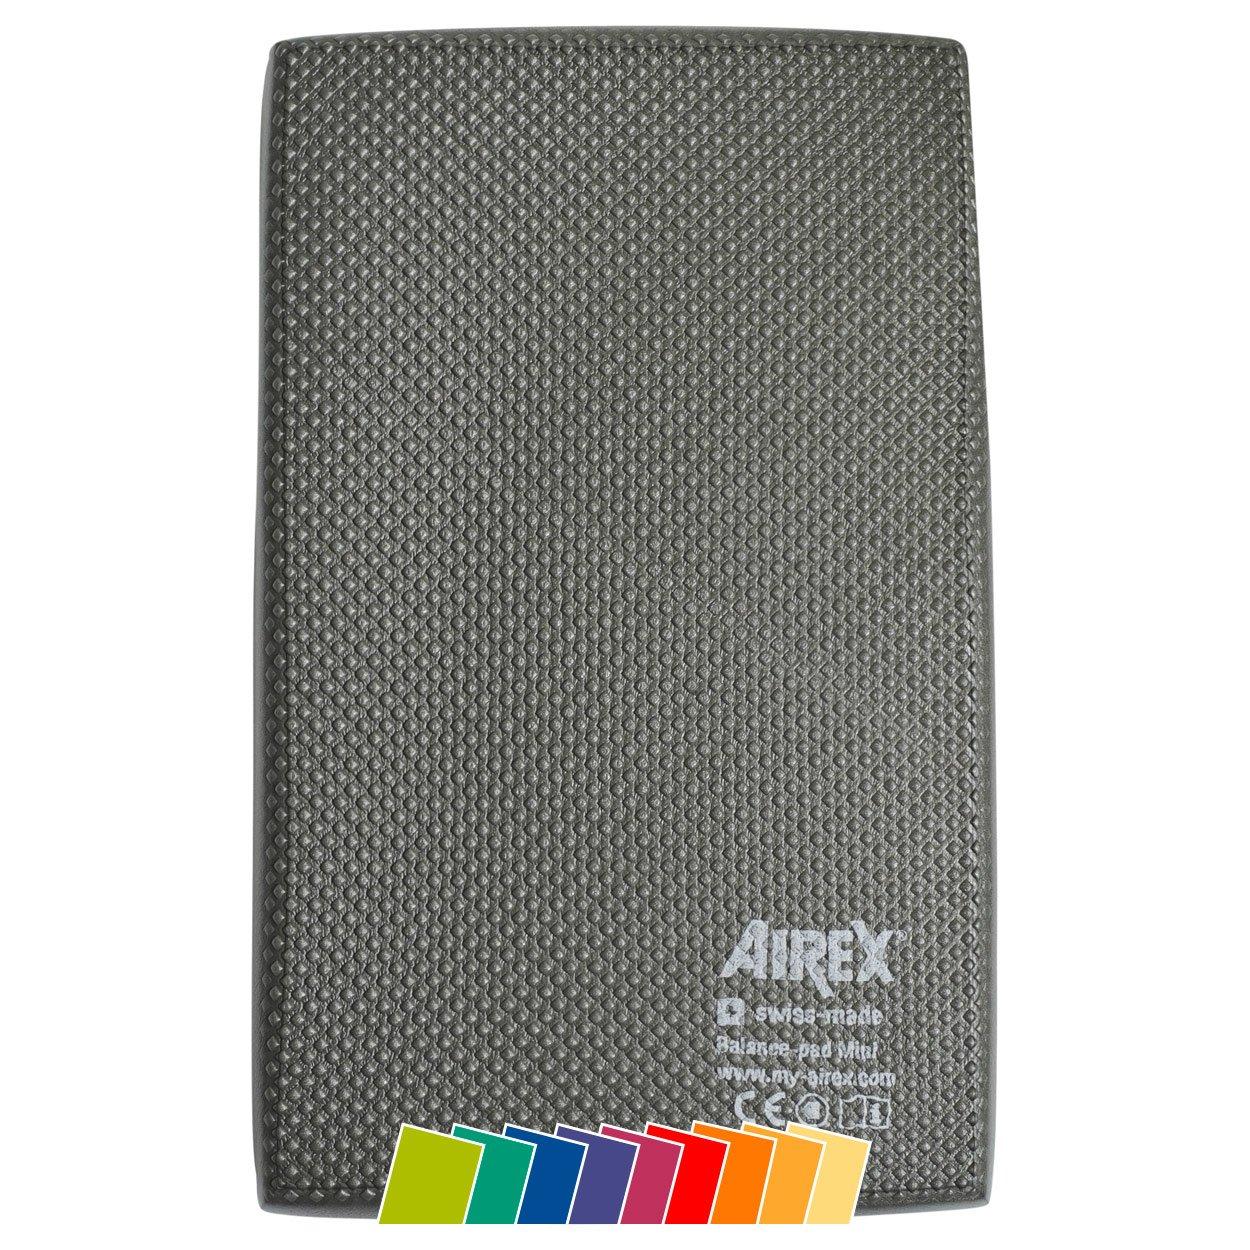 Airex Balance Pad Mini bei amazon kaufen